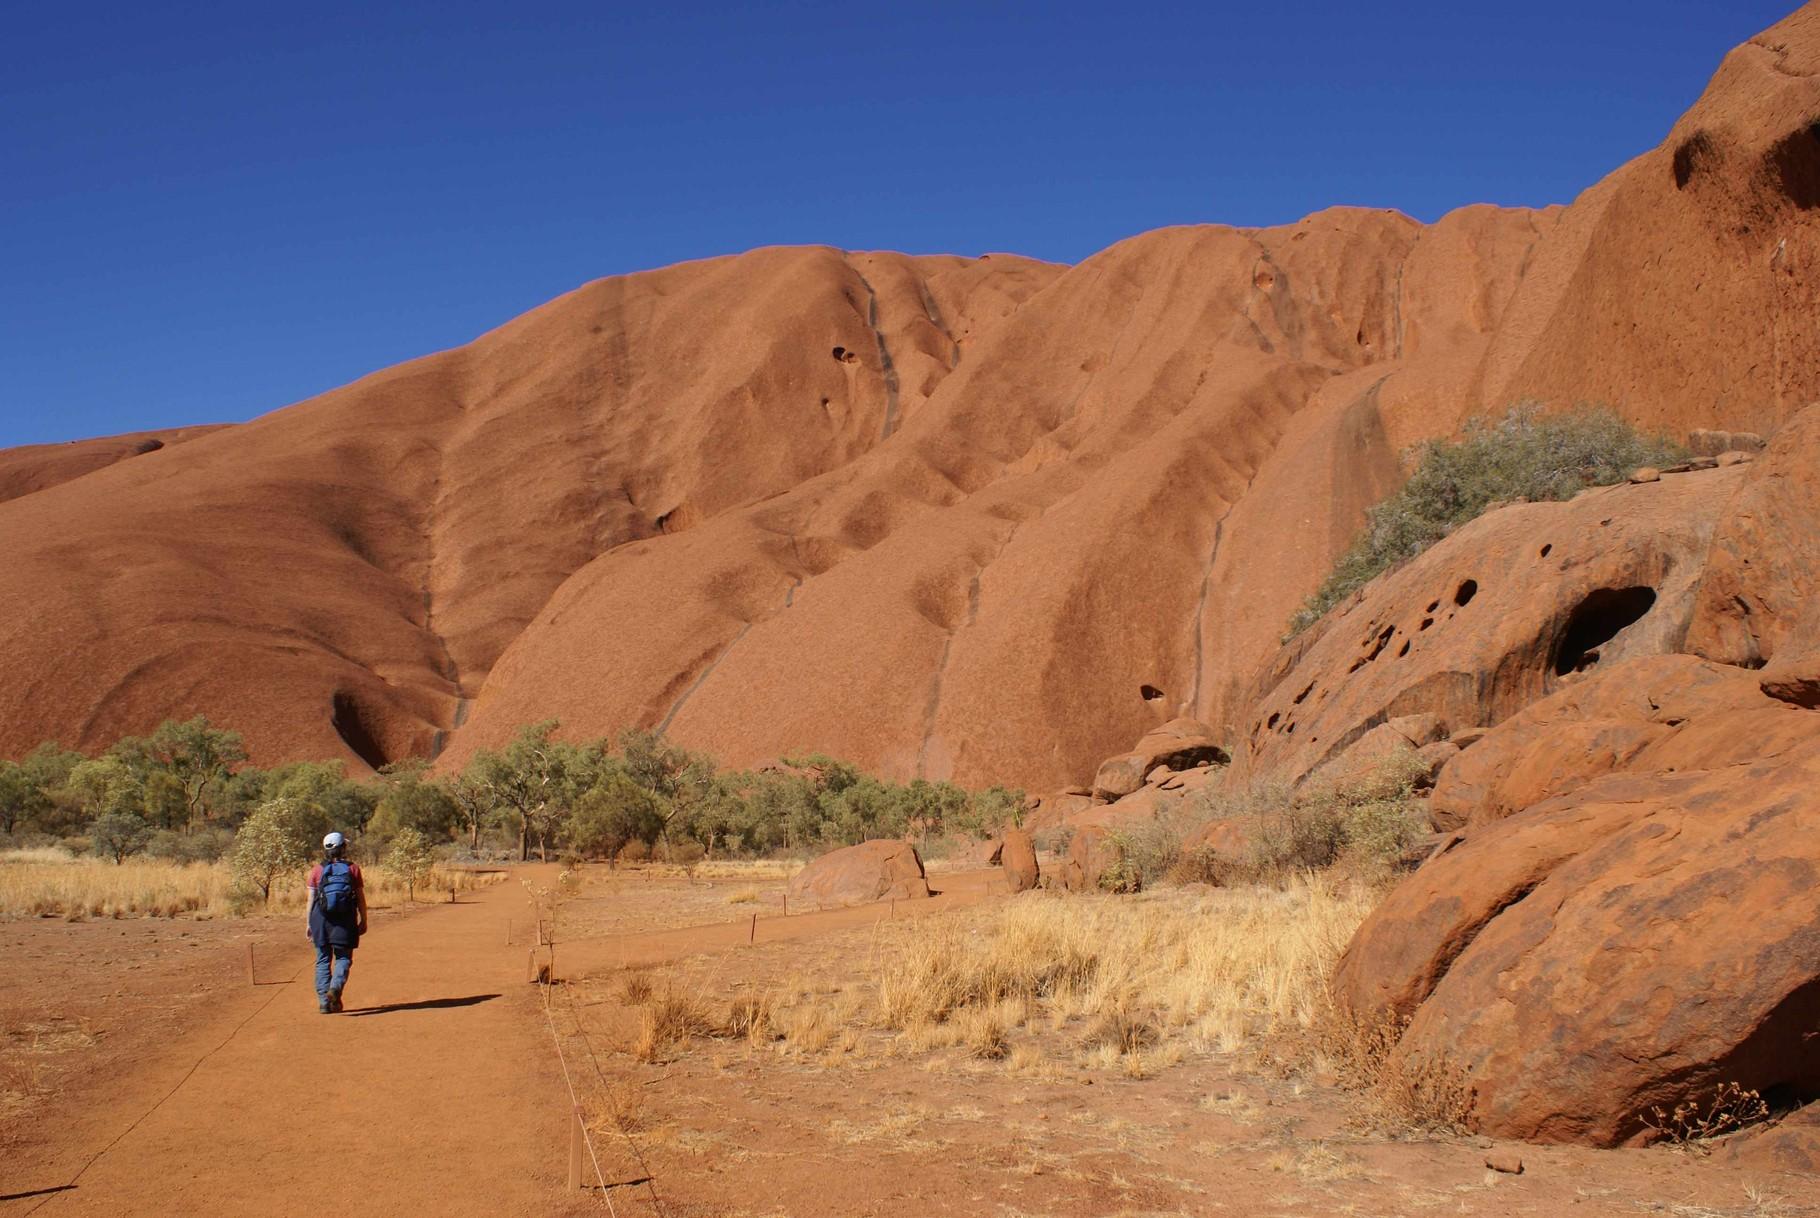 Bei der Umrundung des Uluru sind einige Wege tabu - es handelt sich um heilige Orte der Aboriginal